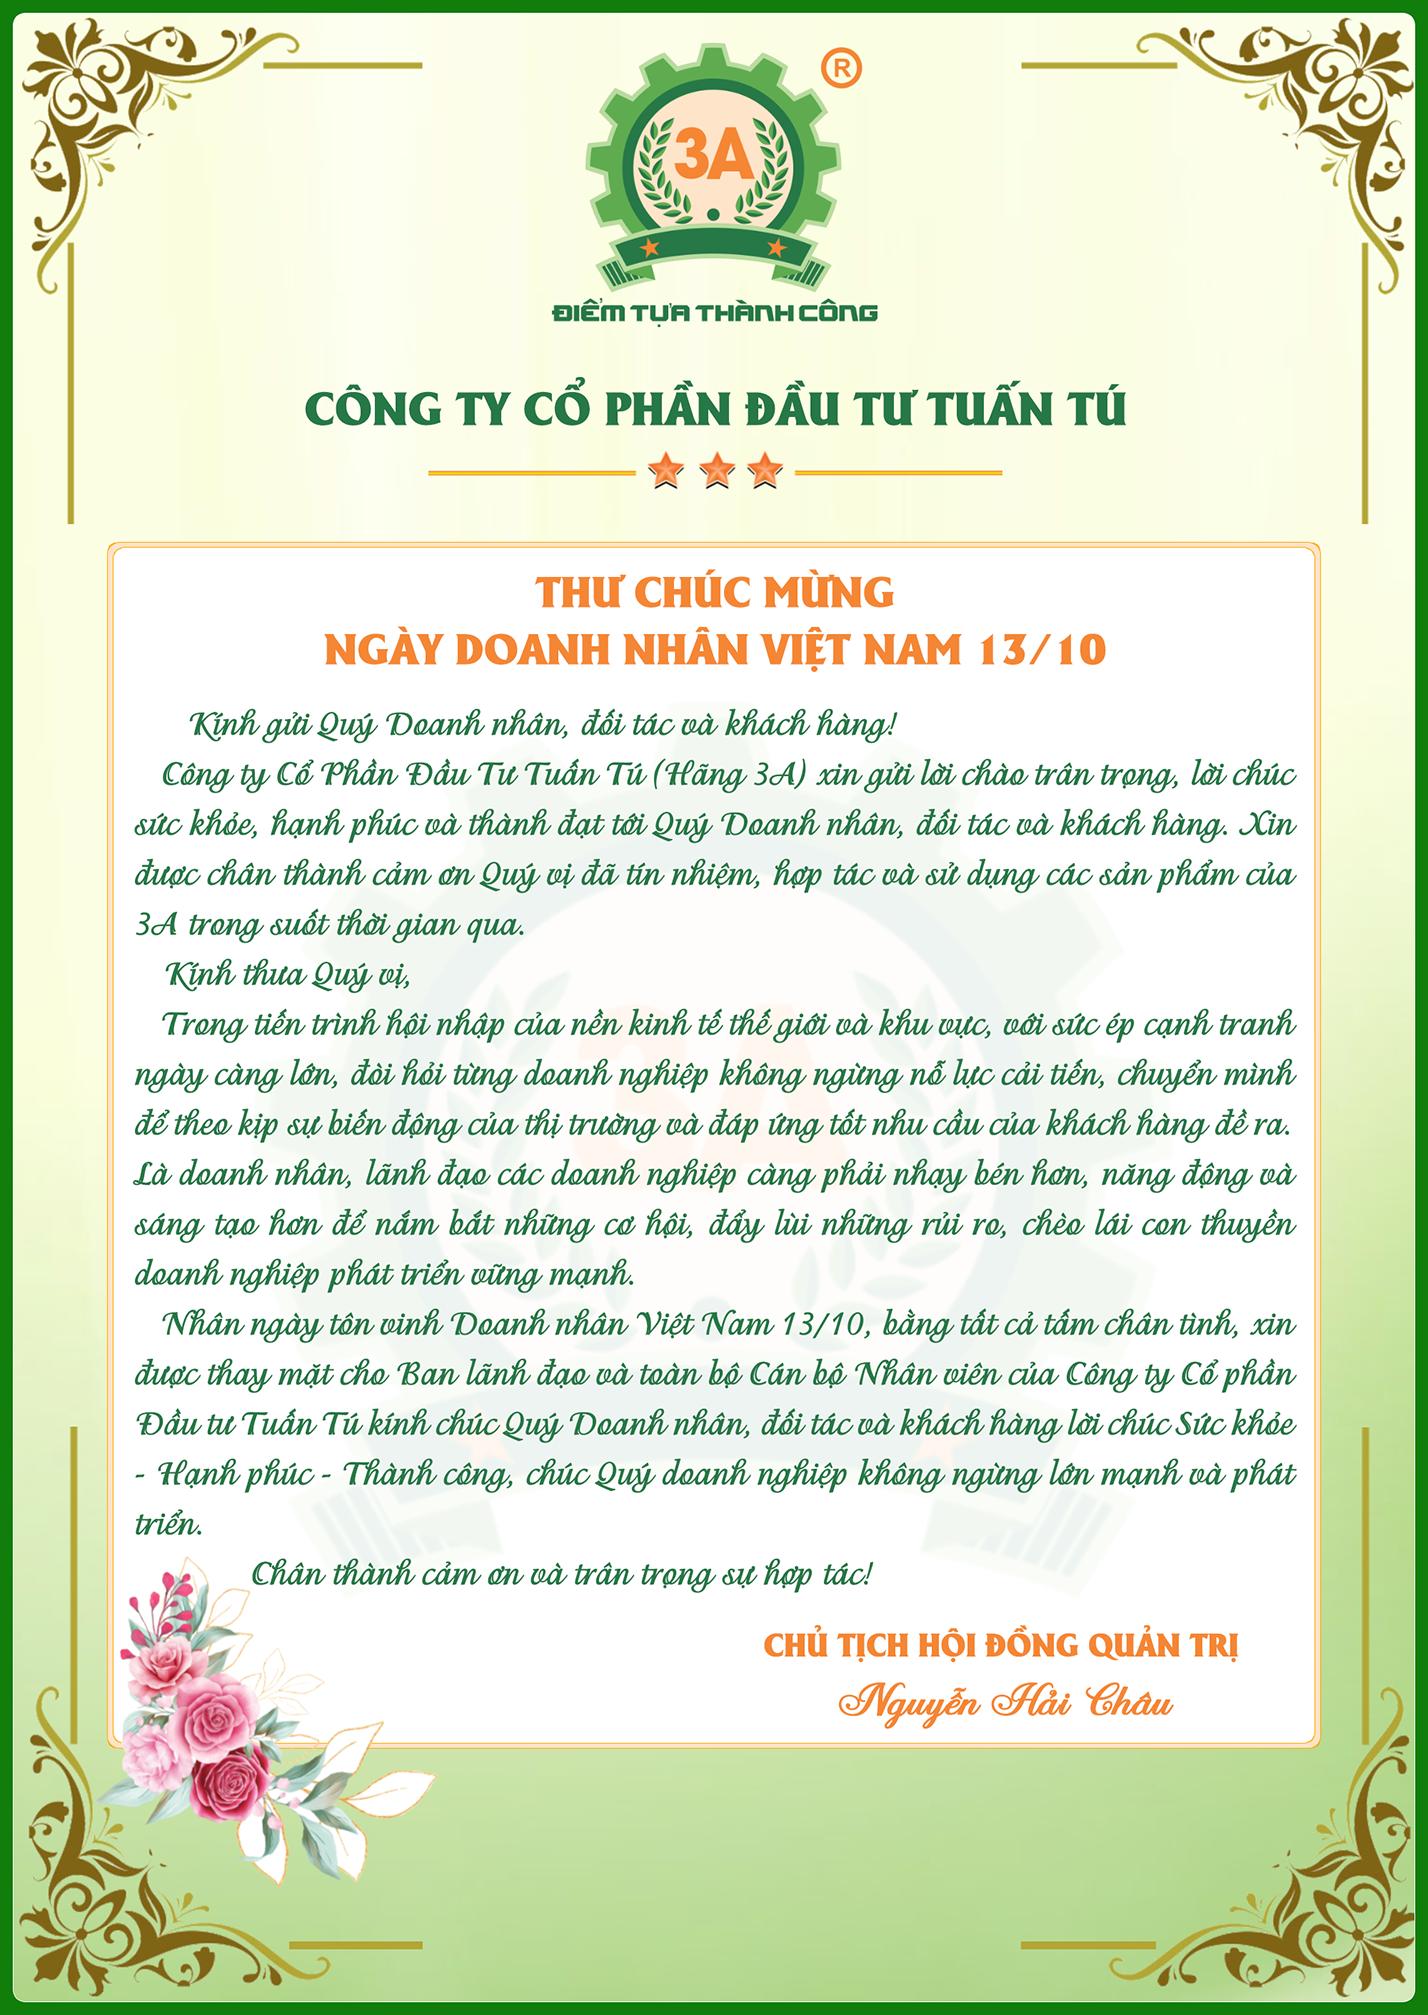 Thư chúc mừng ngày doanh nhân Việt Nam 13/10/2020